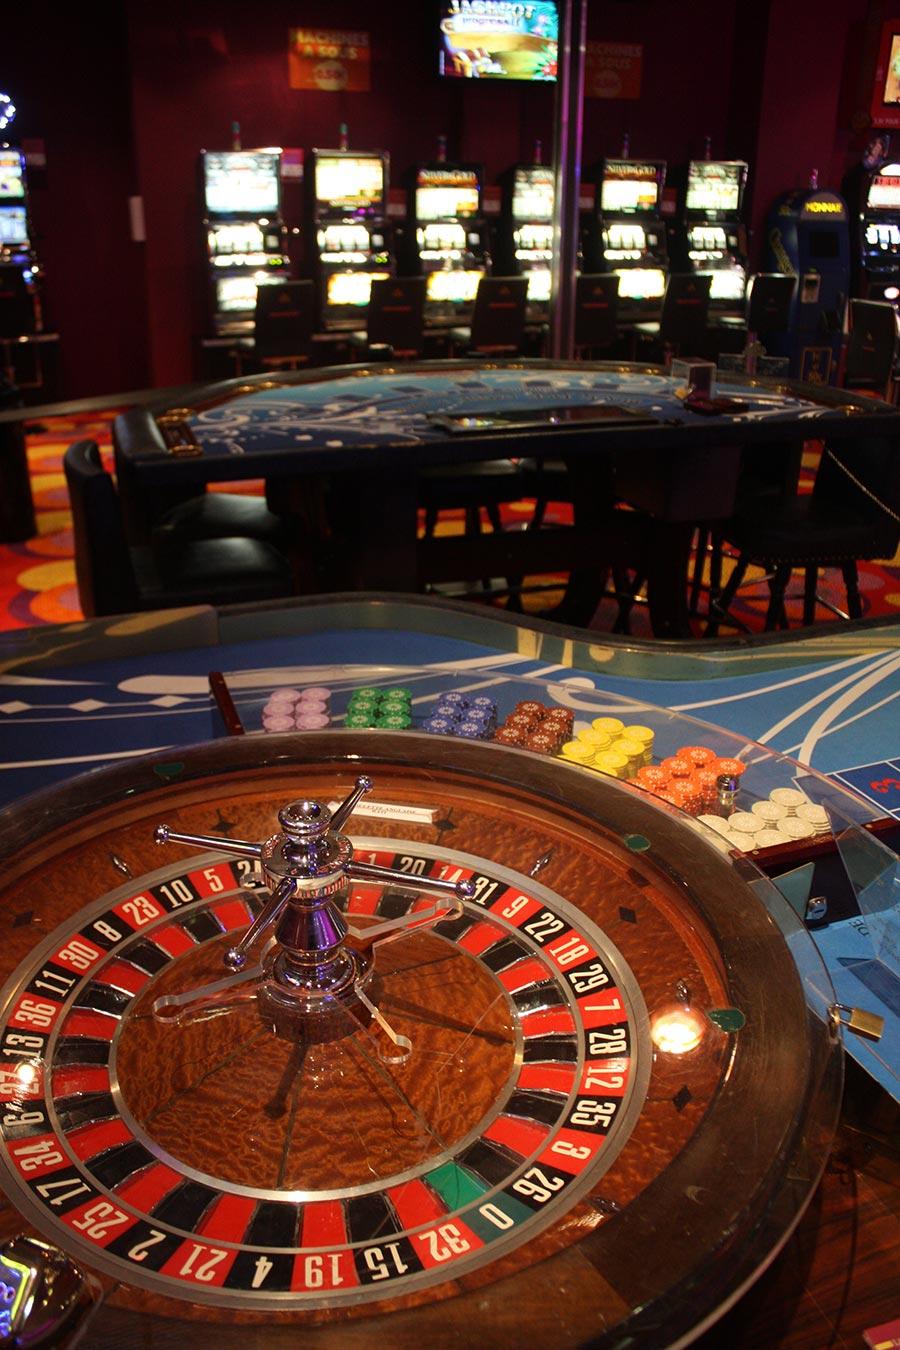 Jeux casino : comment réaliser son premier dépôt ?